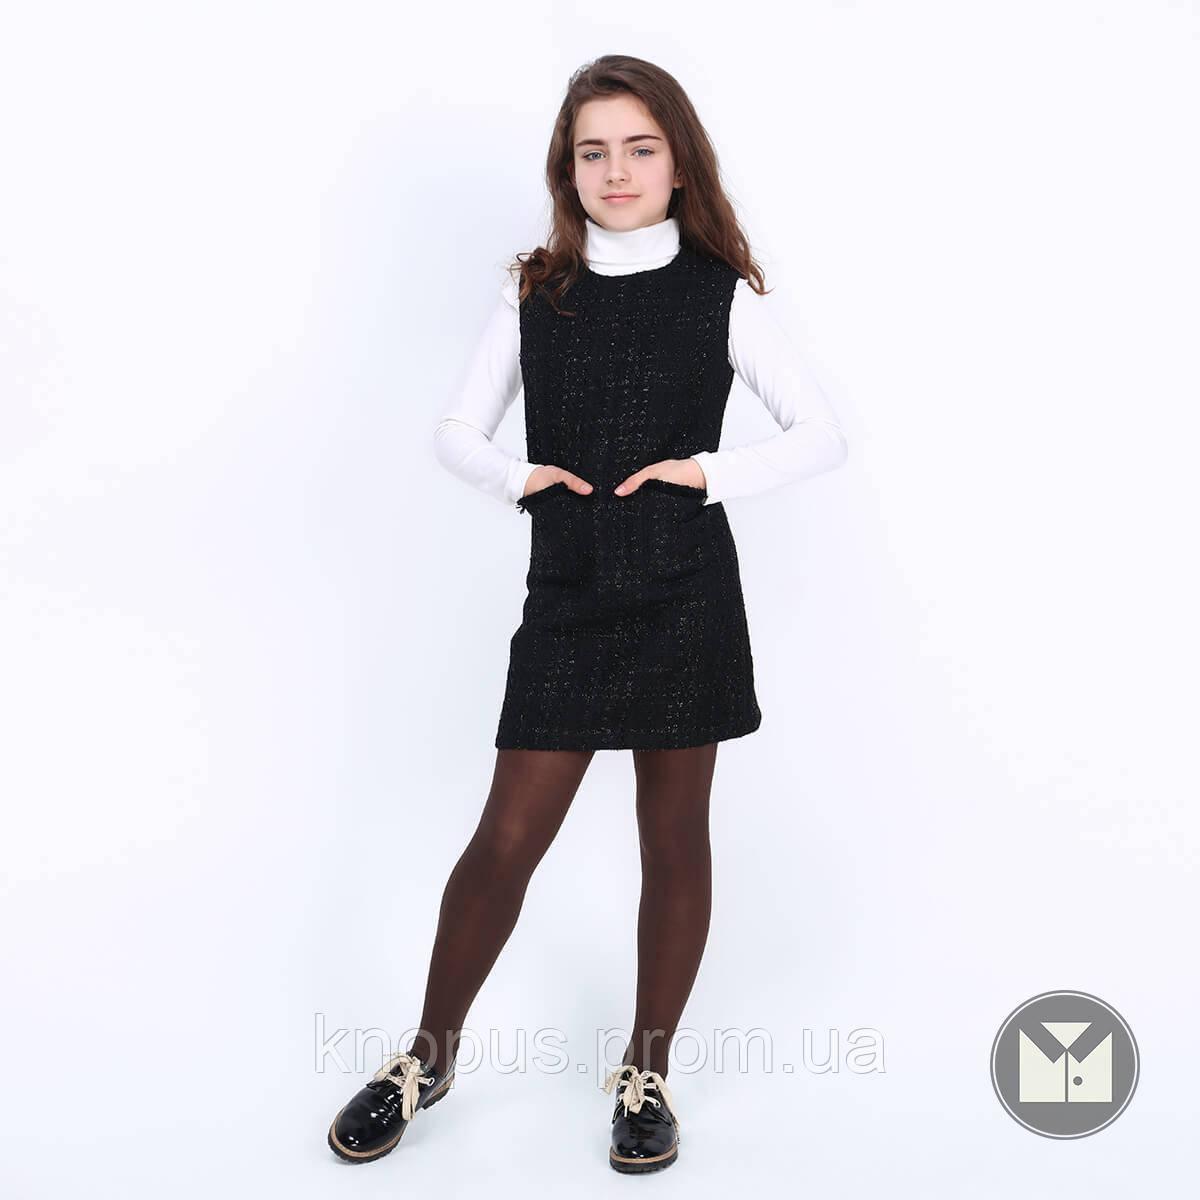 Сарафан для девочки, Lindsay, черный, Timbo, размеры 122-152